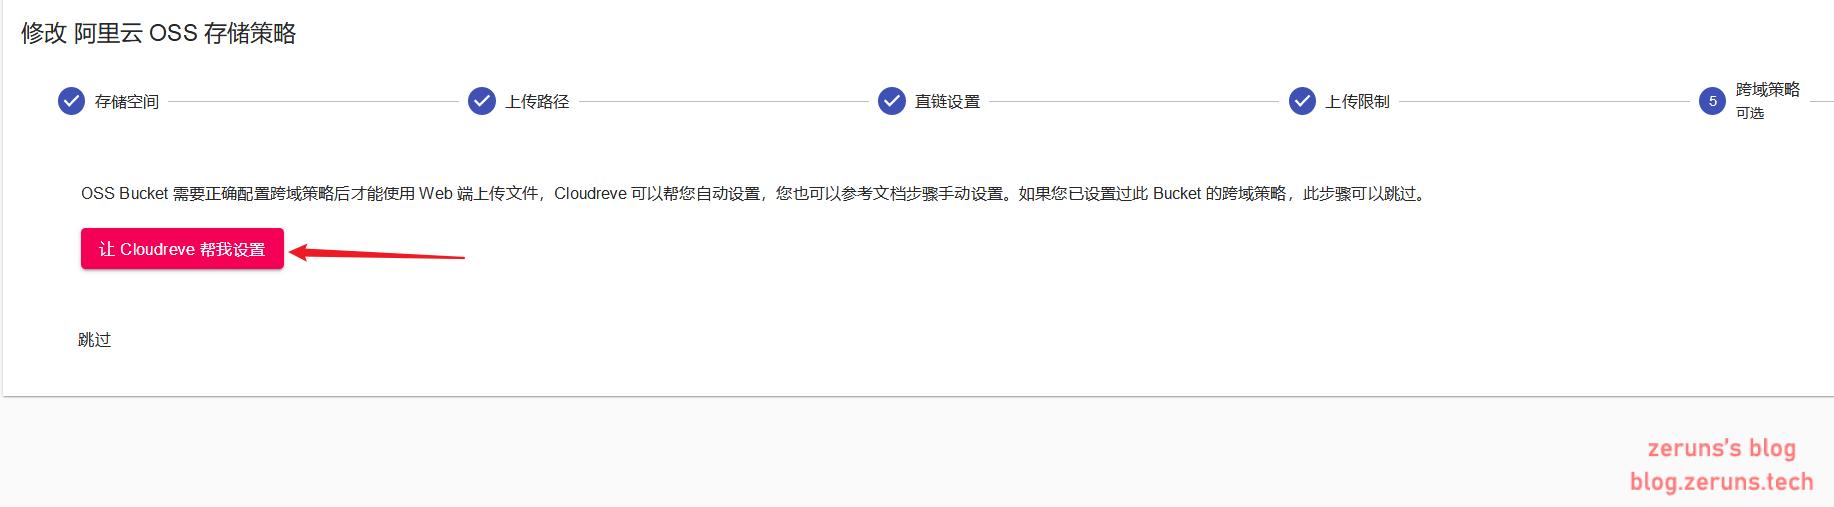 2020 04 22 10 28 03 - 使用Cloudreve自建不限速的网盘,支持离线下载